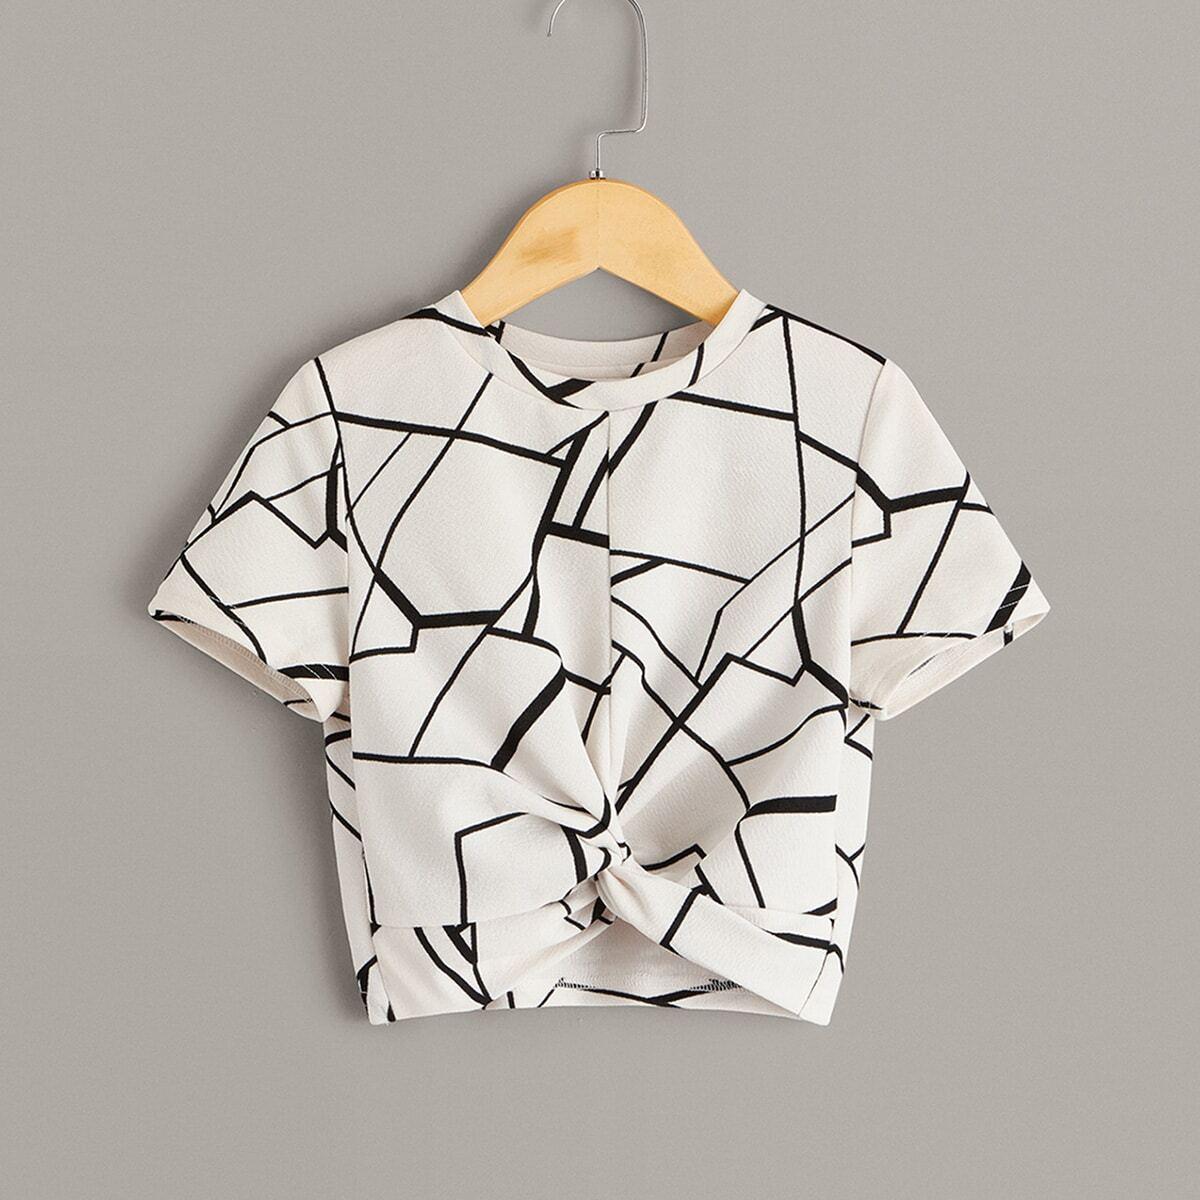 Топ с драпировкой и геометрическим принтом для девочек от SHEIN